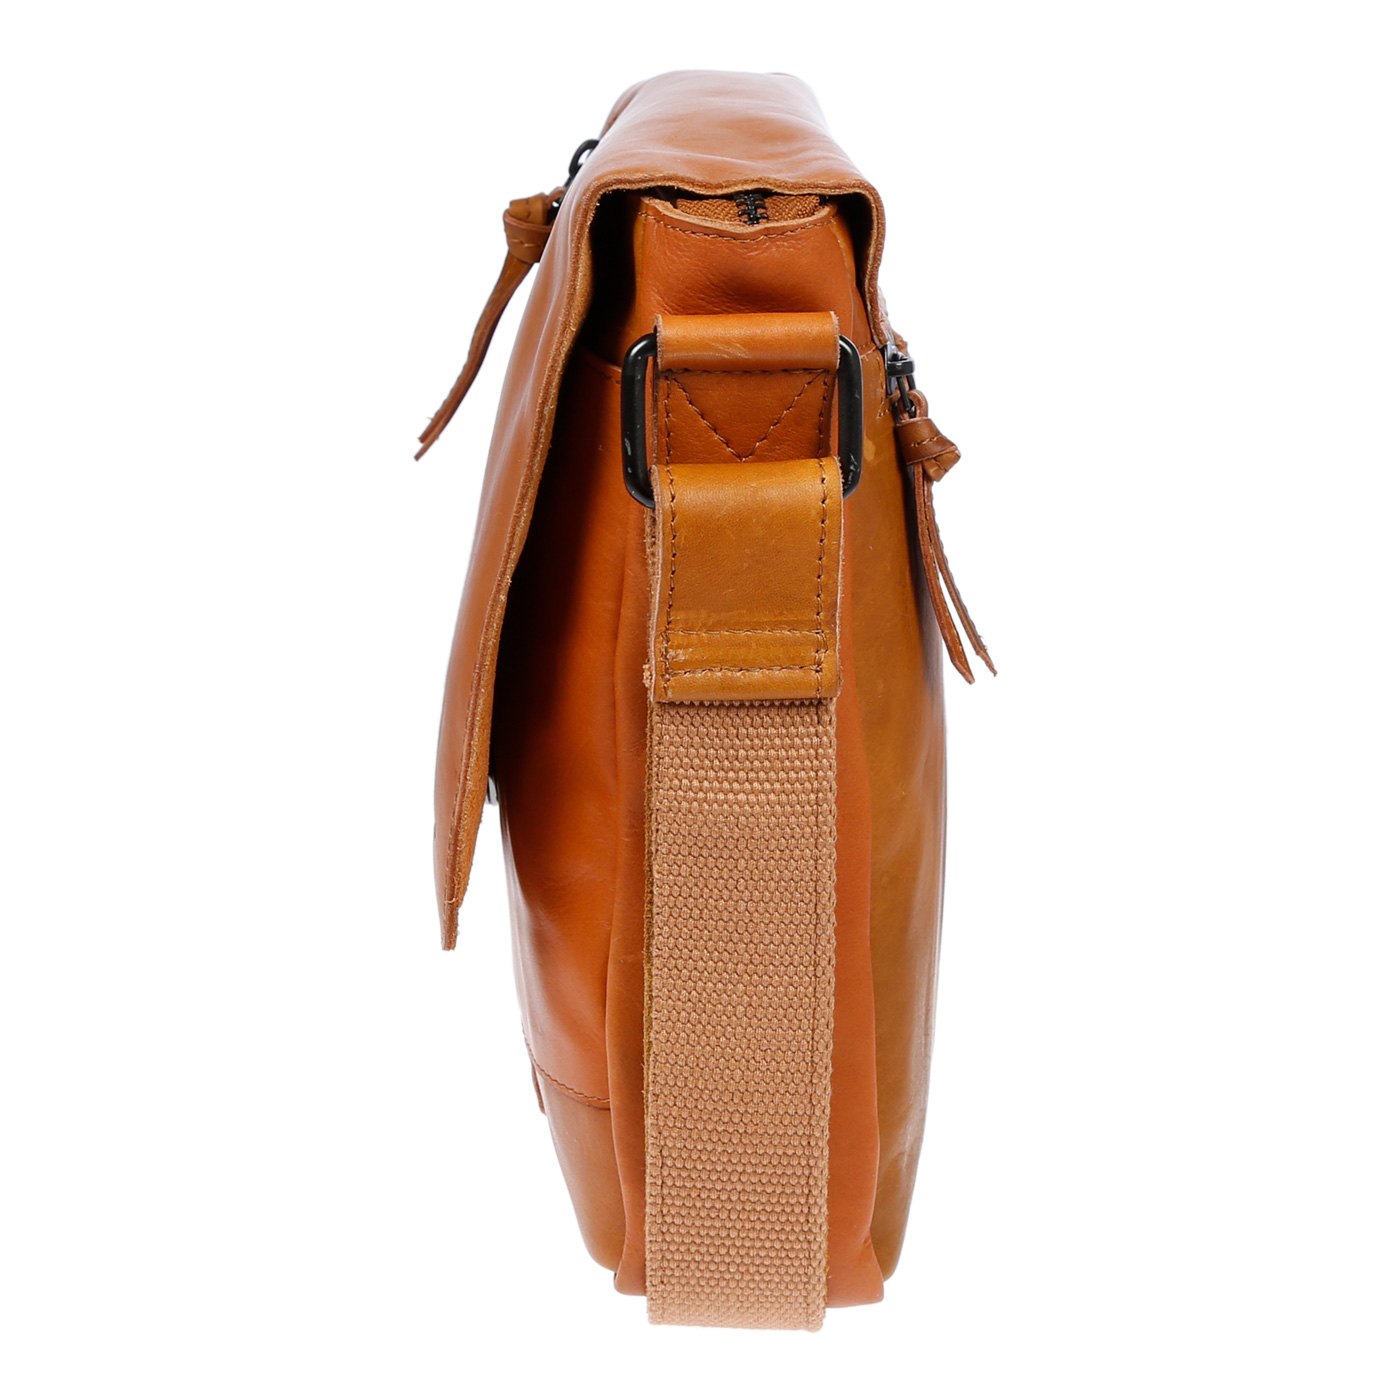 Echt-Leder-Herren-Damen-Umhaengetasche-Tasche-RFID-Schutz-Schultertasche-Umhaenger Indexbild 29